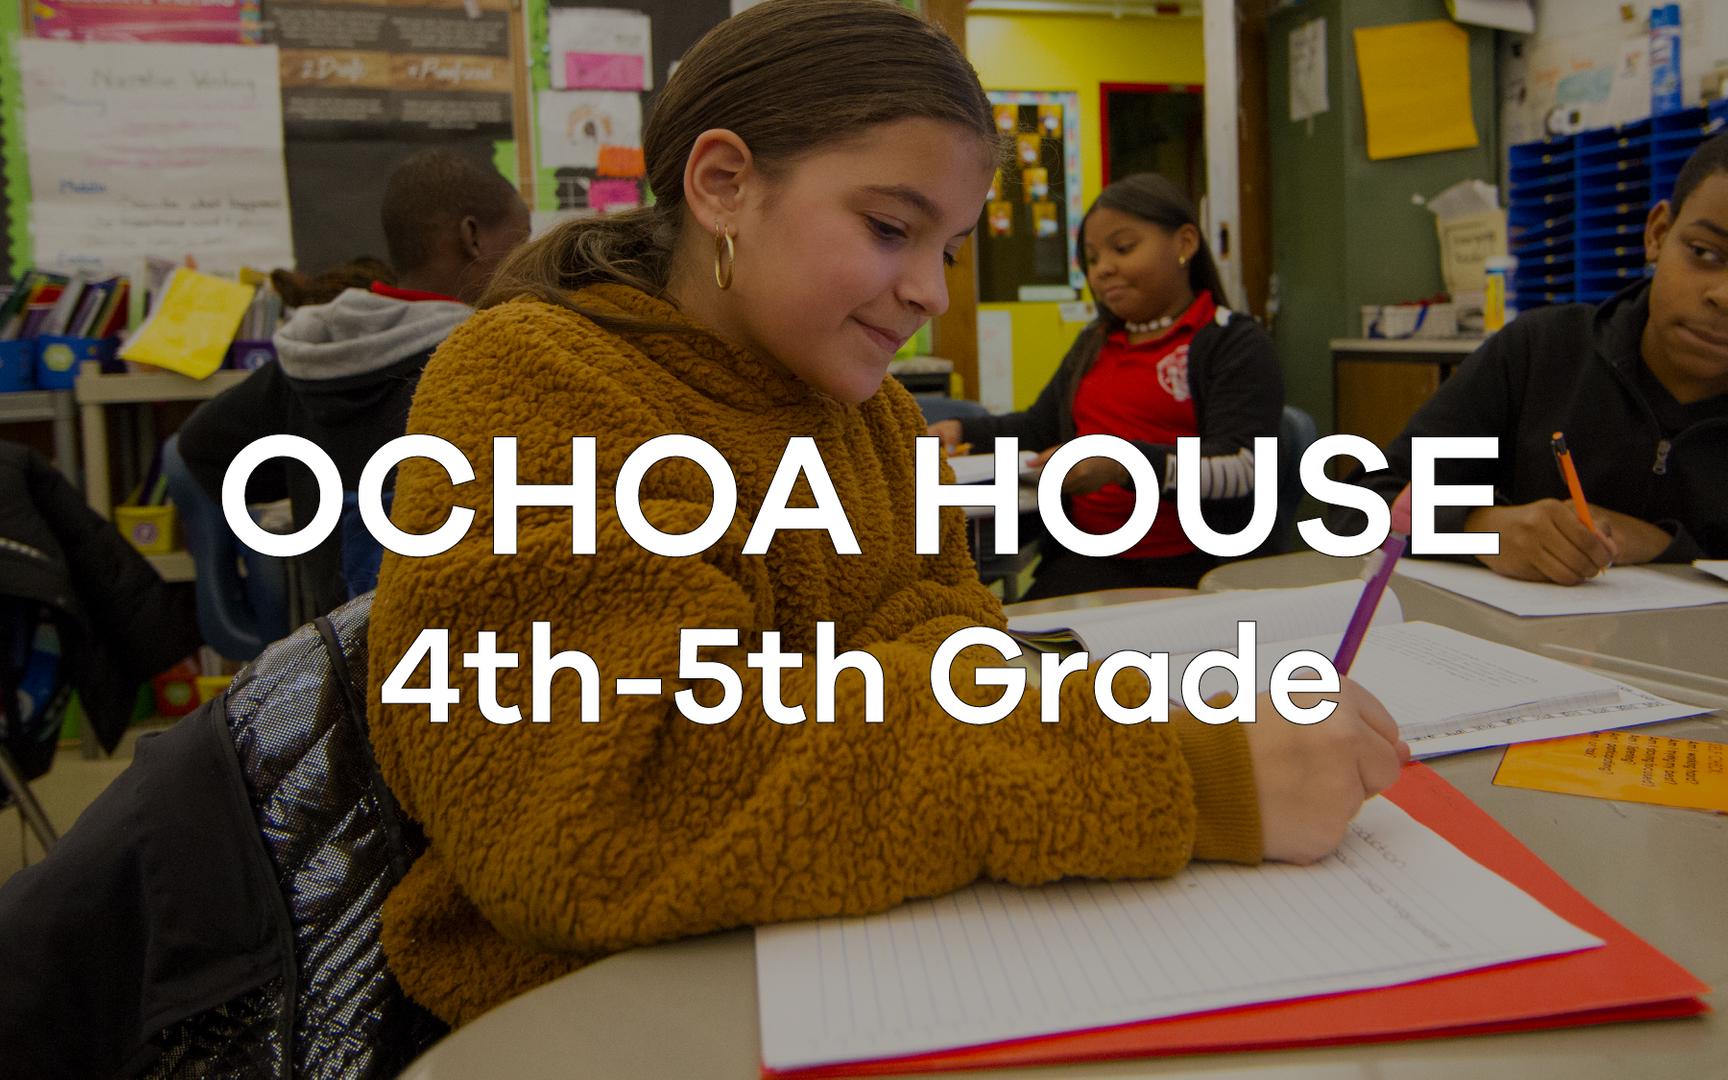 Ochoa House 4th - 5th Grade